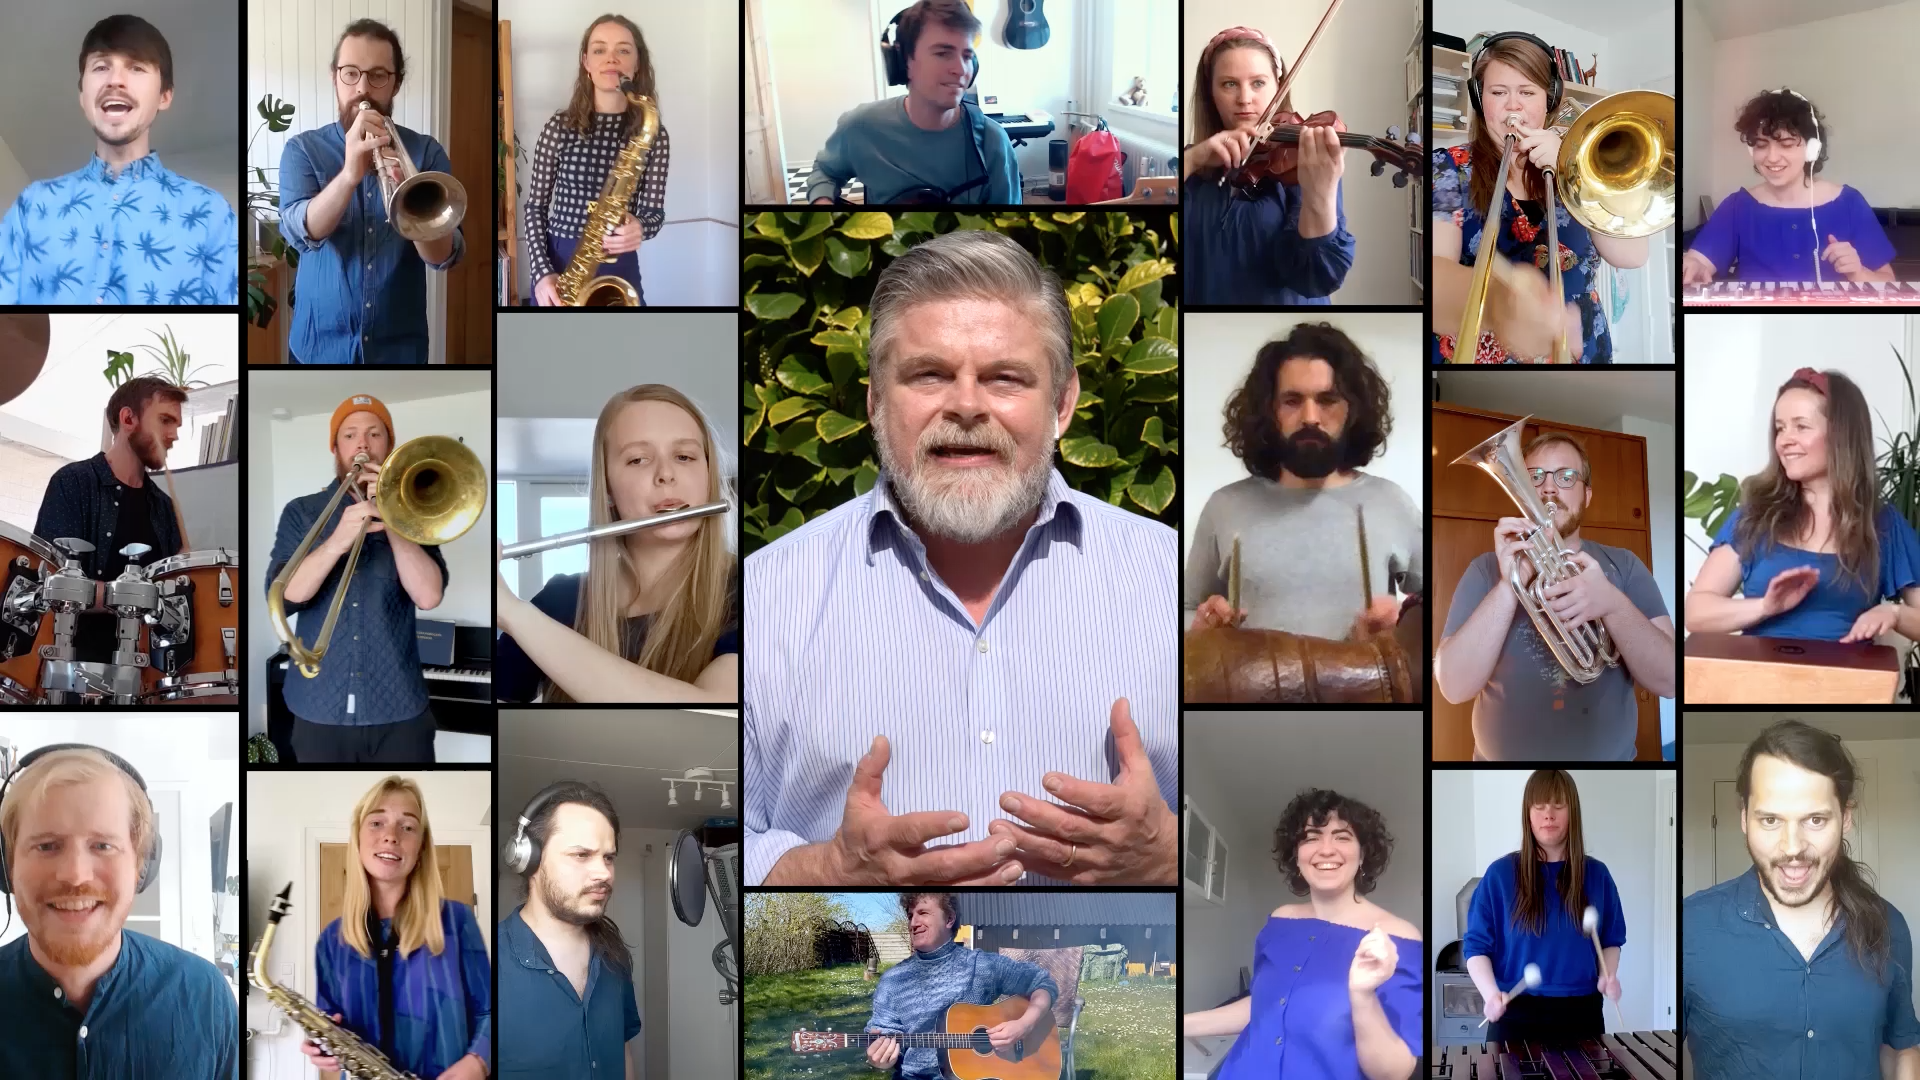 Luftens Helte: 19-personers band og Stig Rossen vækker Tarzan-klassiker til live i ny video